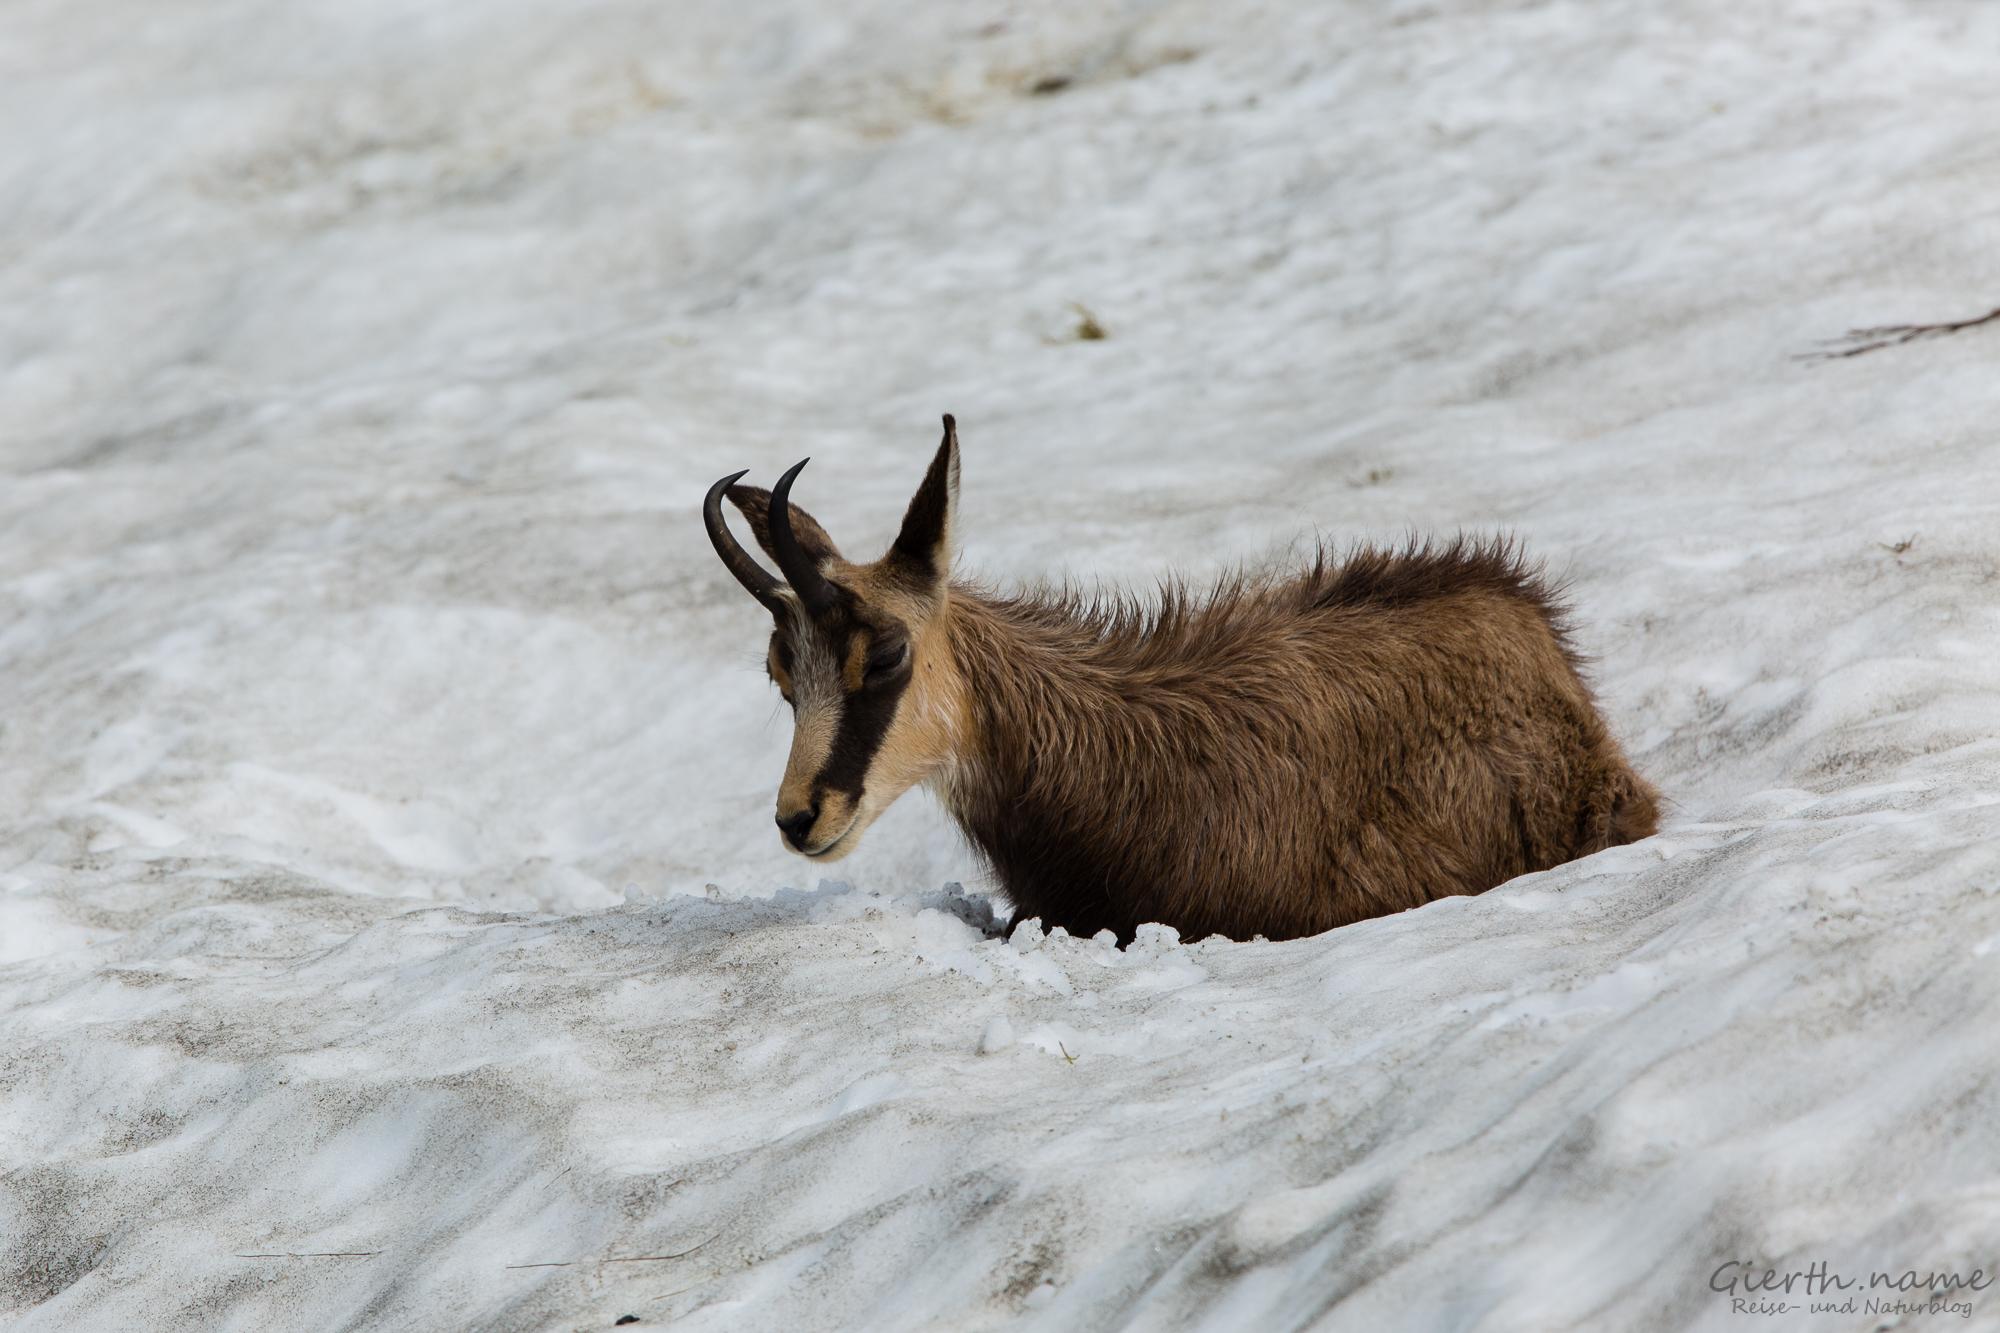 Gämse auf dem Schneefeld